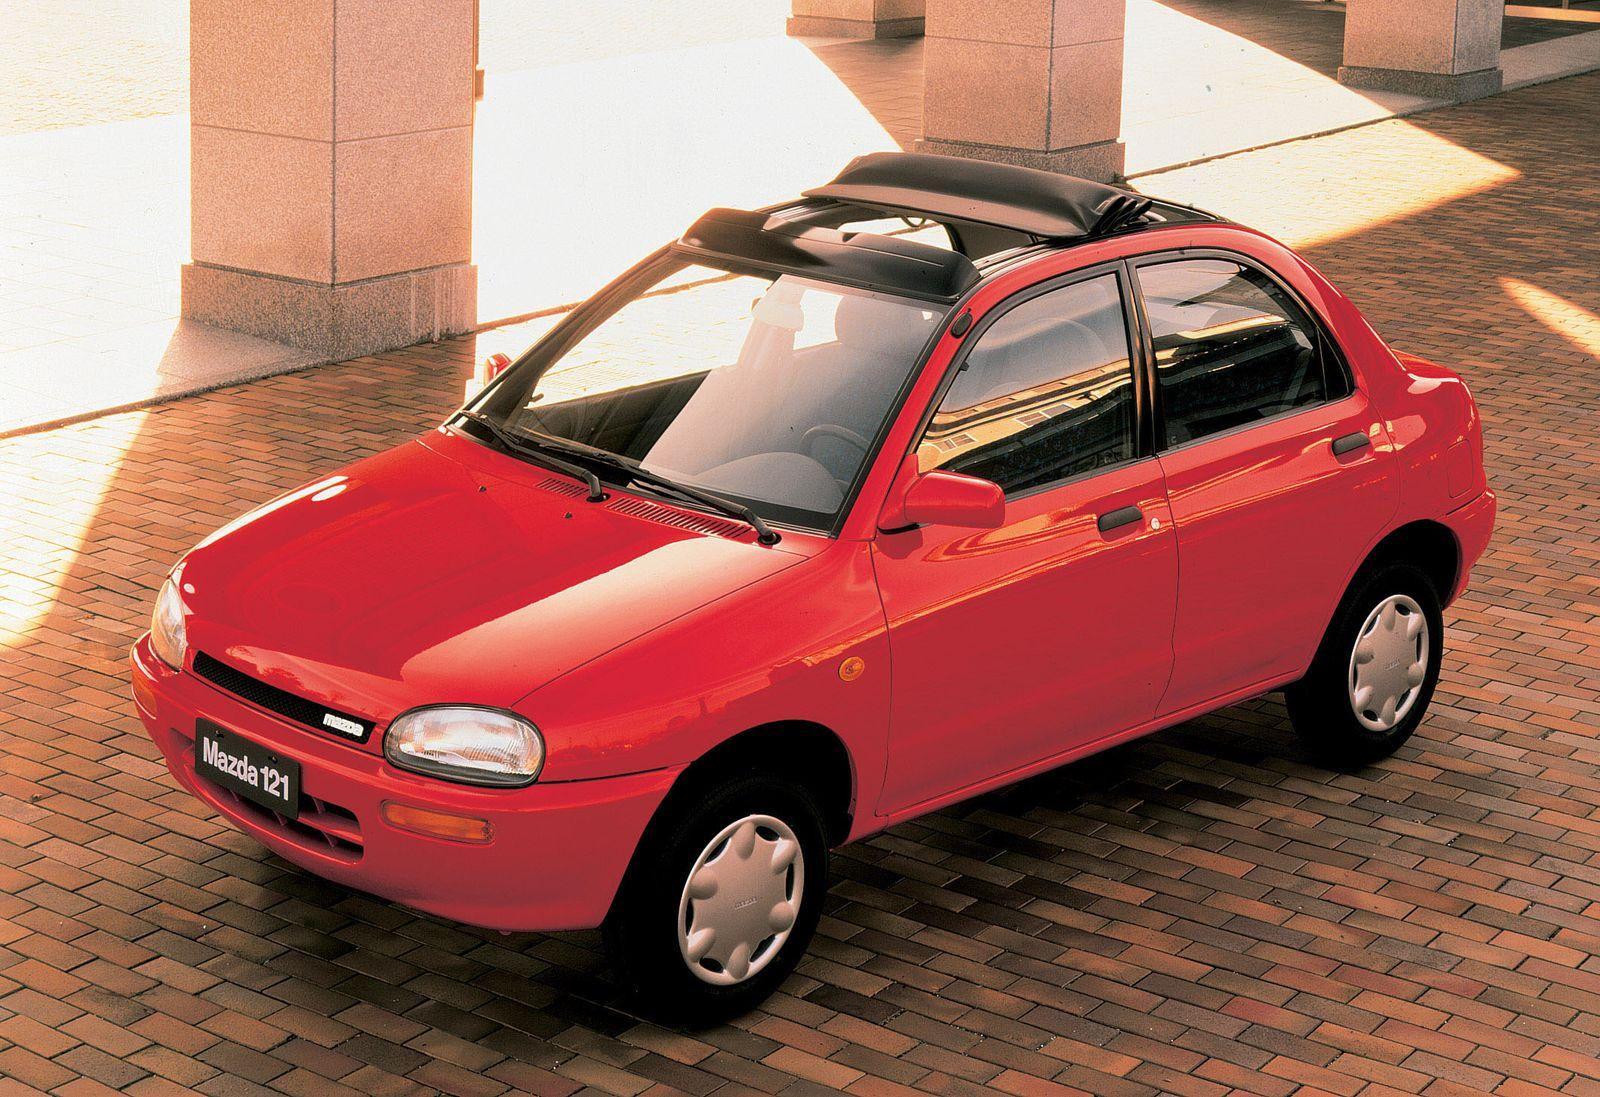 Mazda 121 2. Generation